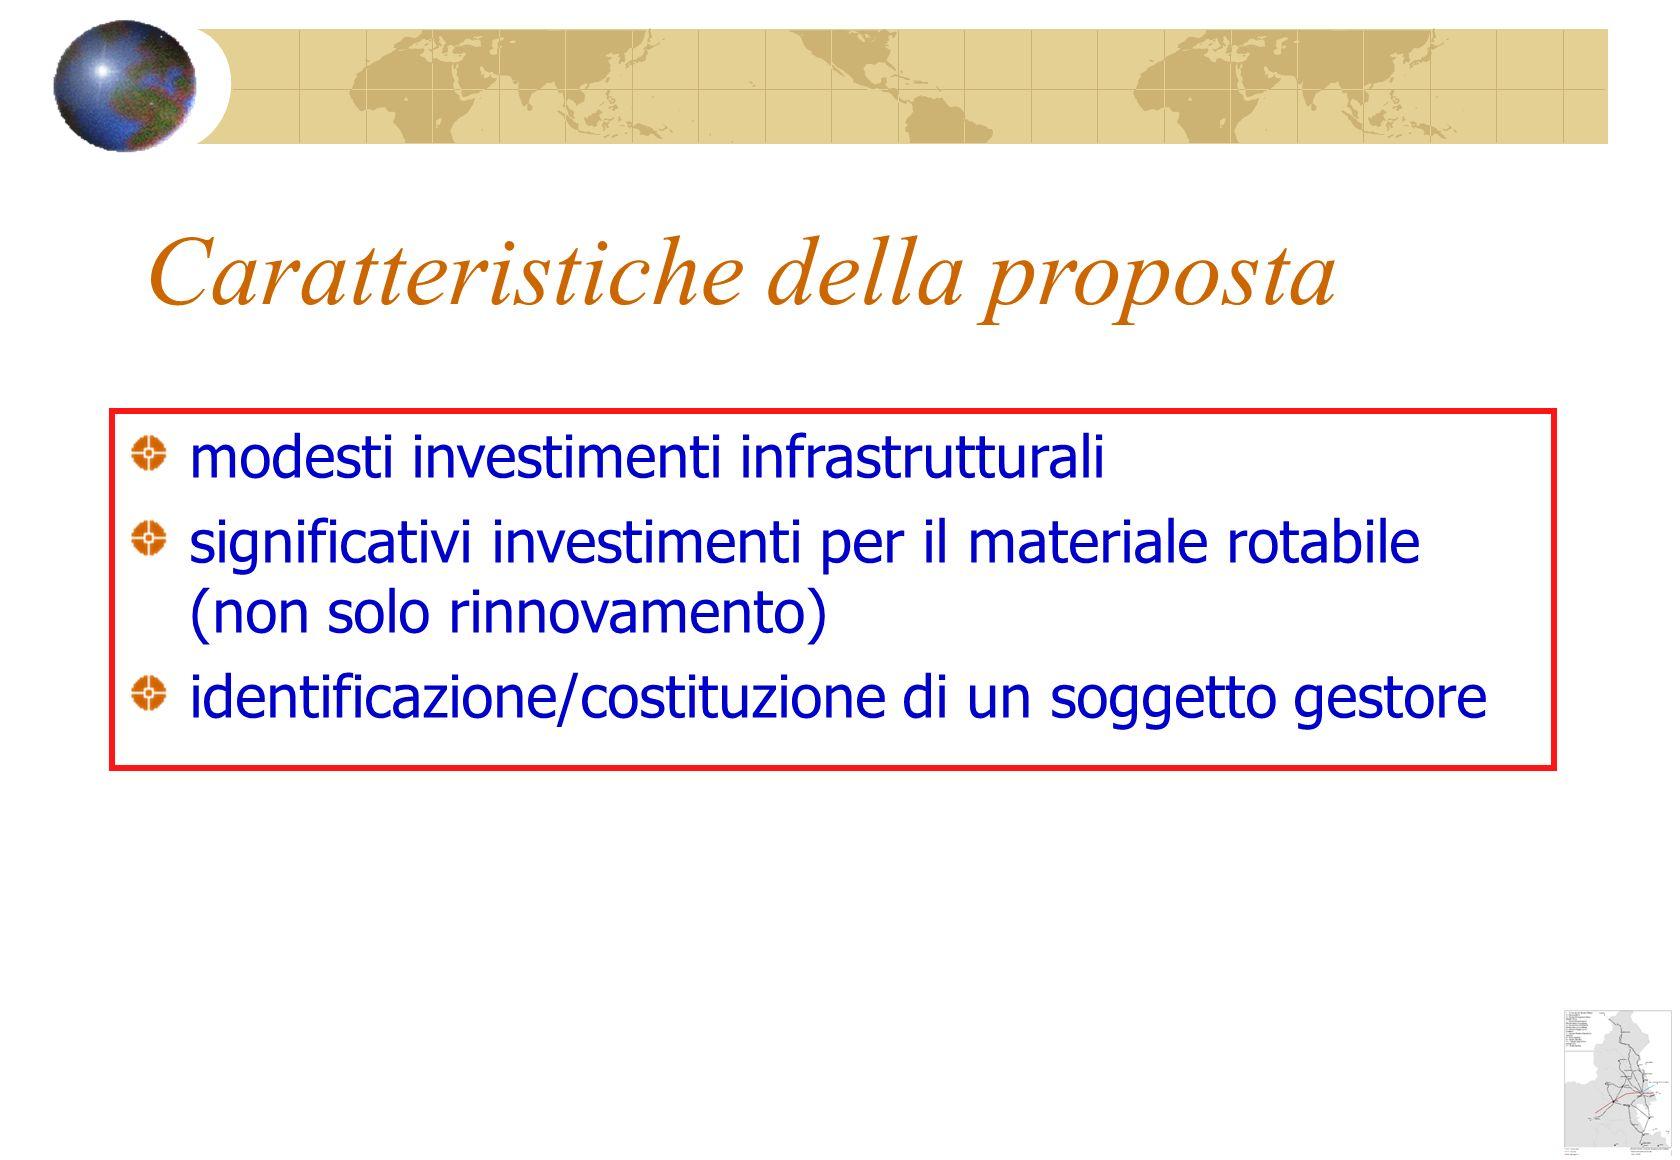 Caratteristiche della proposta modesti investimenti infrastrutturali significativi investimenti per il materiale rotabile (non solo rinnovamento) identificazione/costituzione di un soggetto gestore